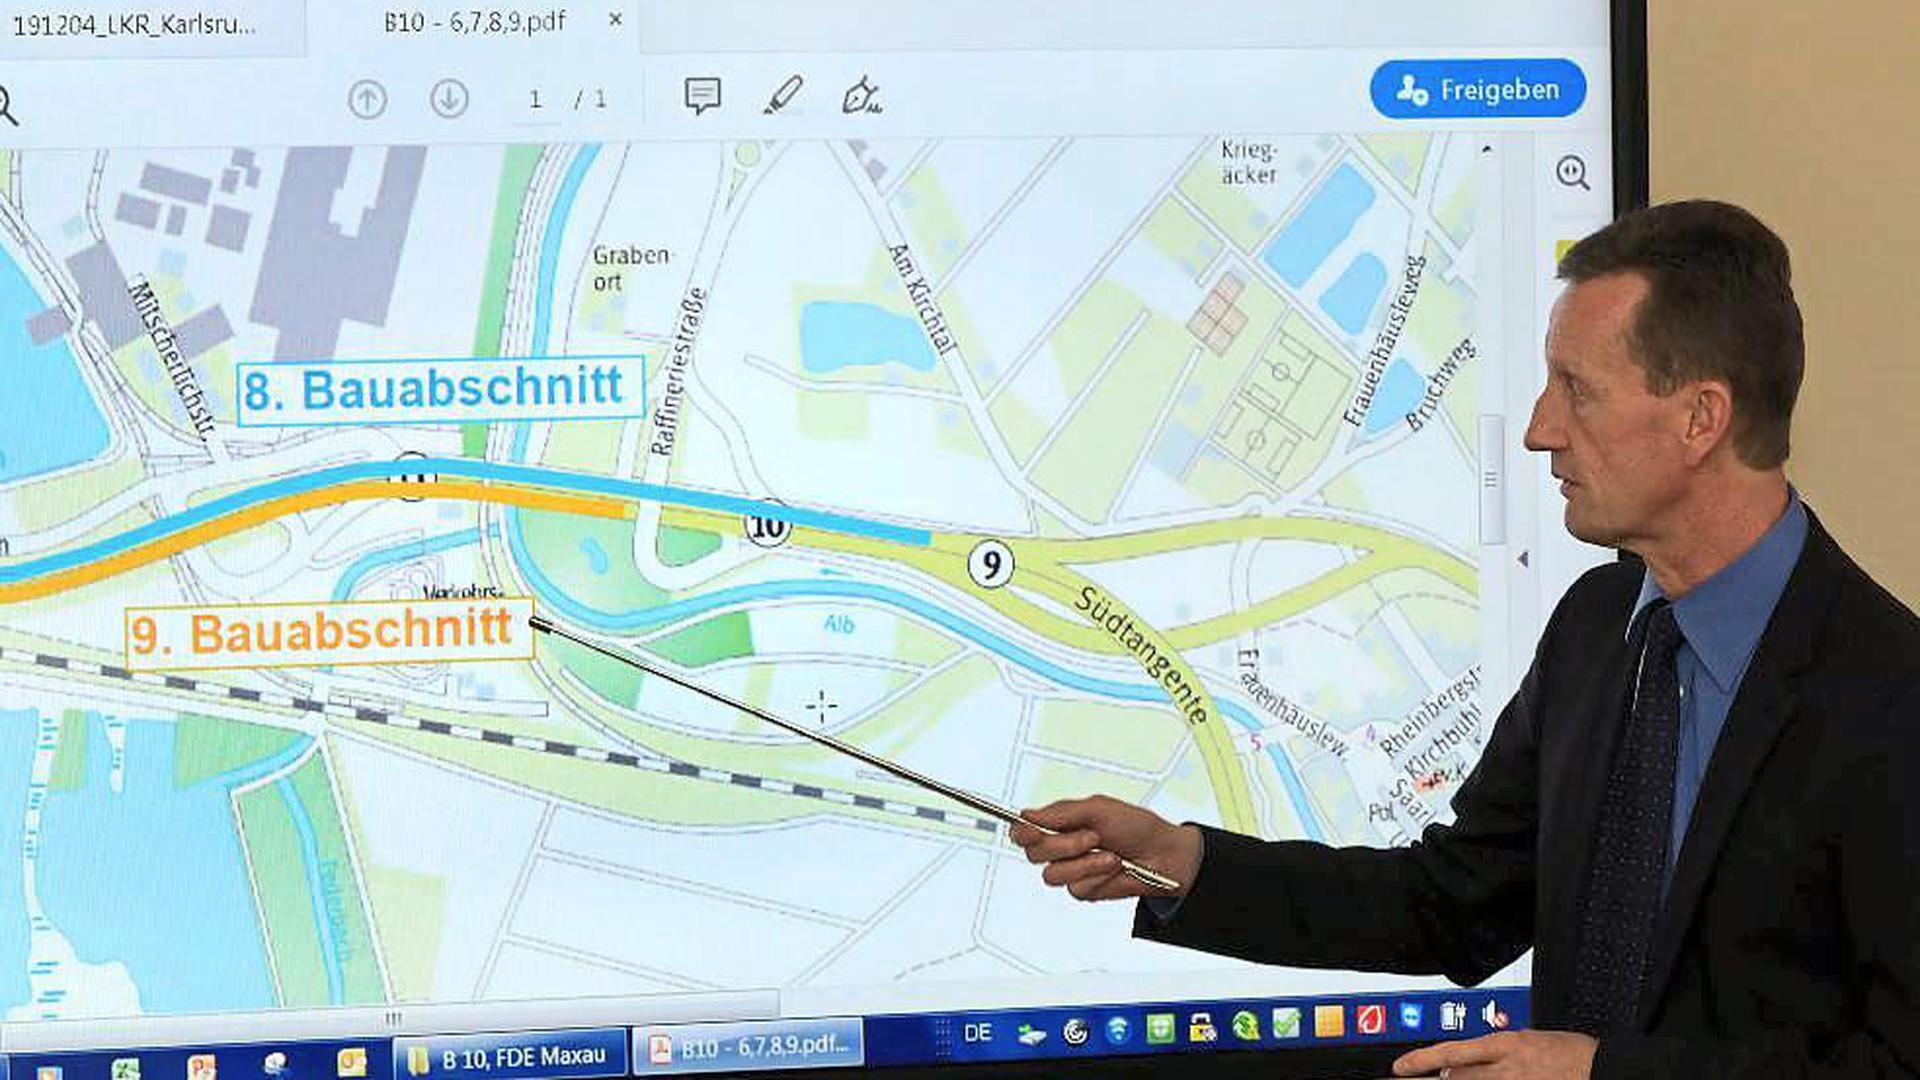 Jürgen Genthner stellte im Regierungspräsidium Karlsruhe die für die kommenden Monate geplanten Baumaßnahmen vor.